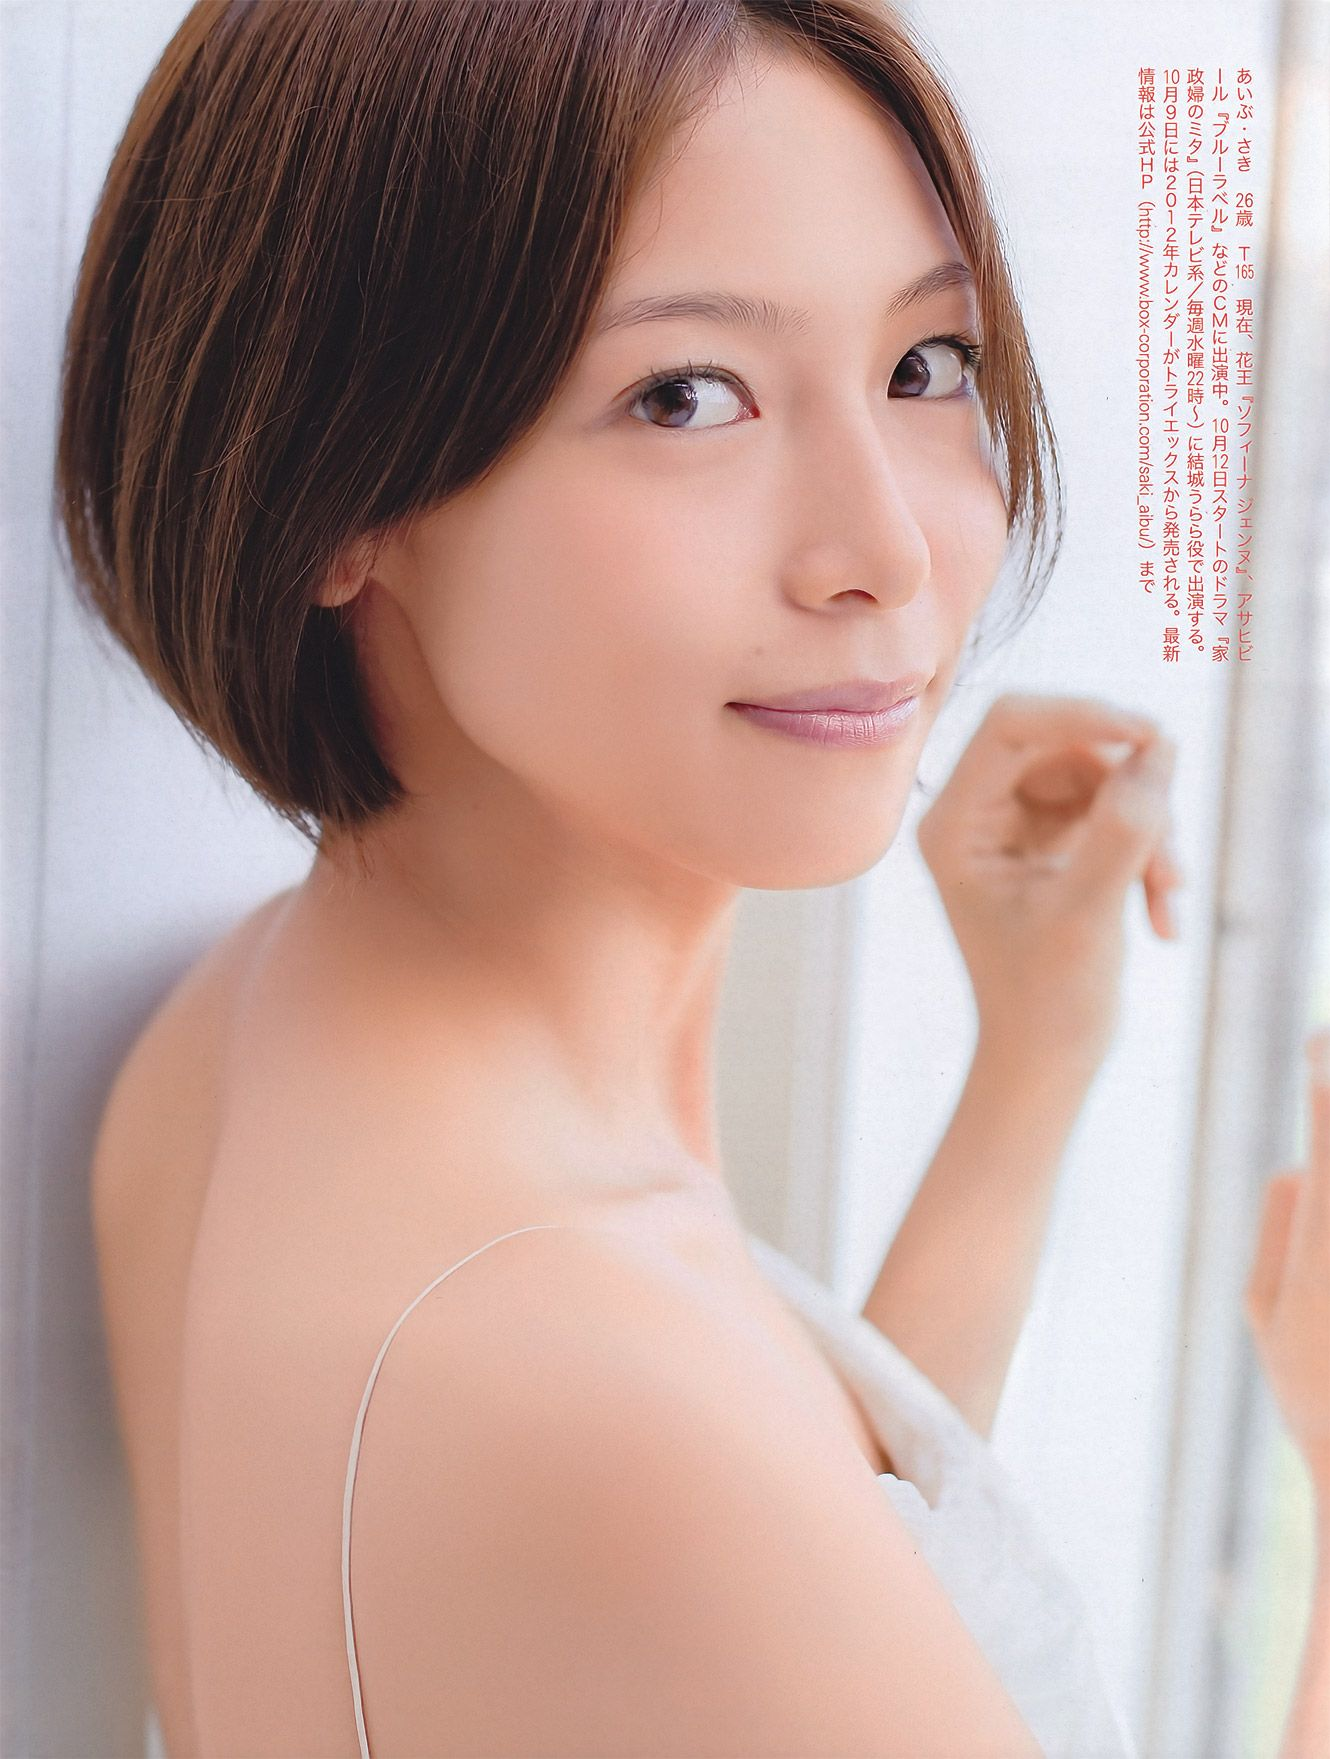 相武紗季の画像 p1_30